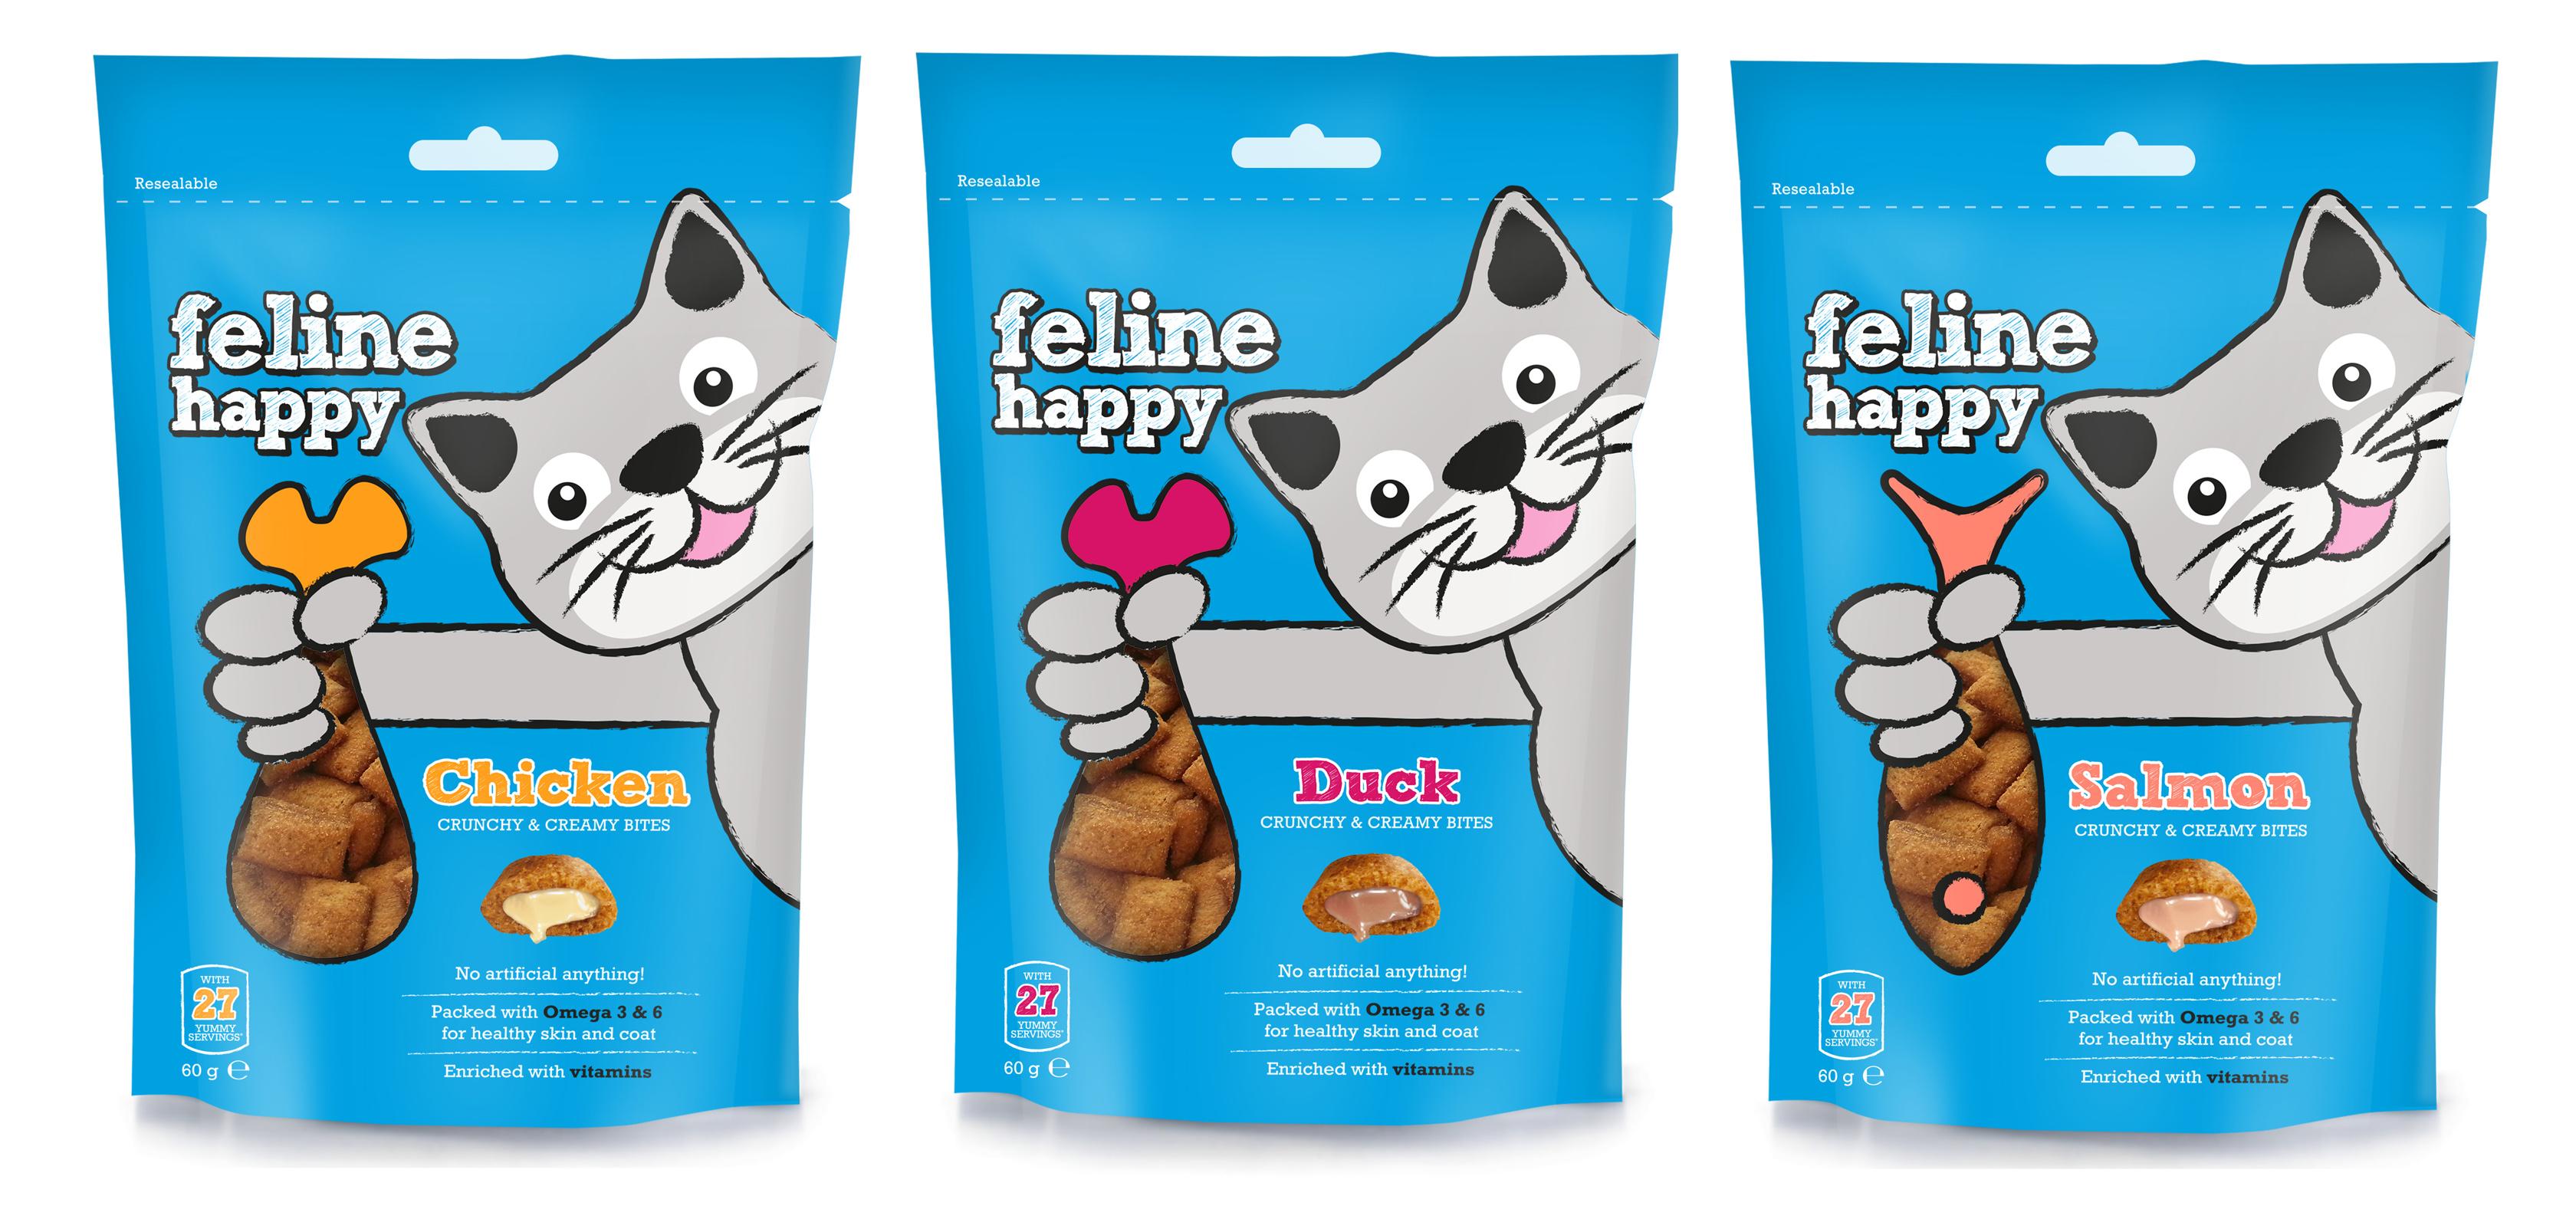 Feline Happy Range